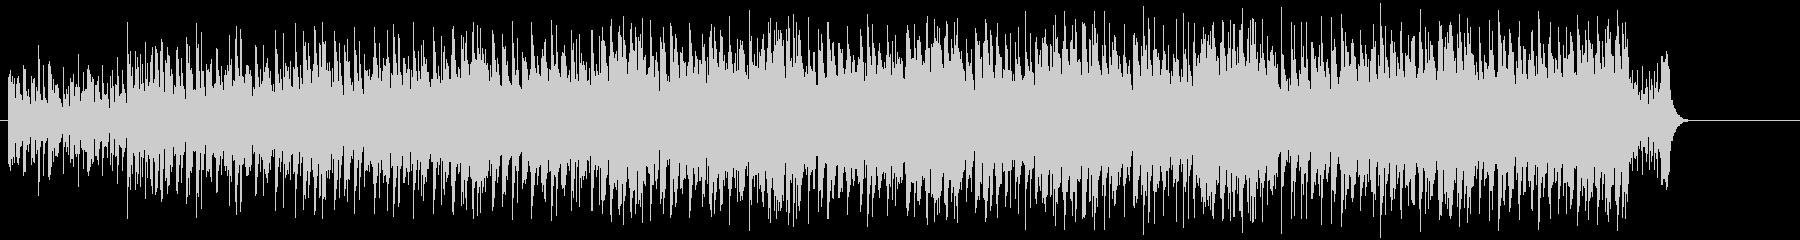 ダンサブルビートのエレクトロポップの未再生の波形